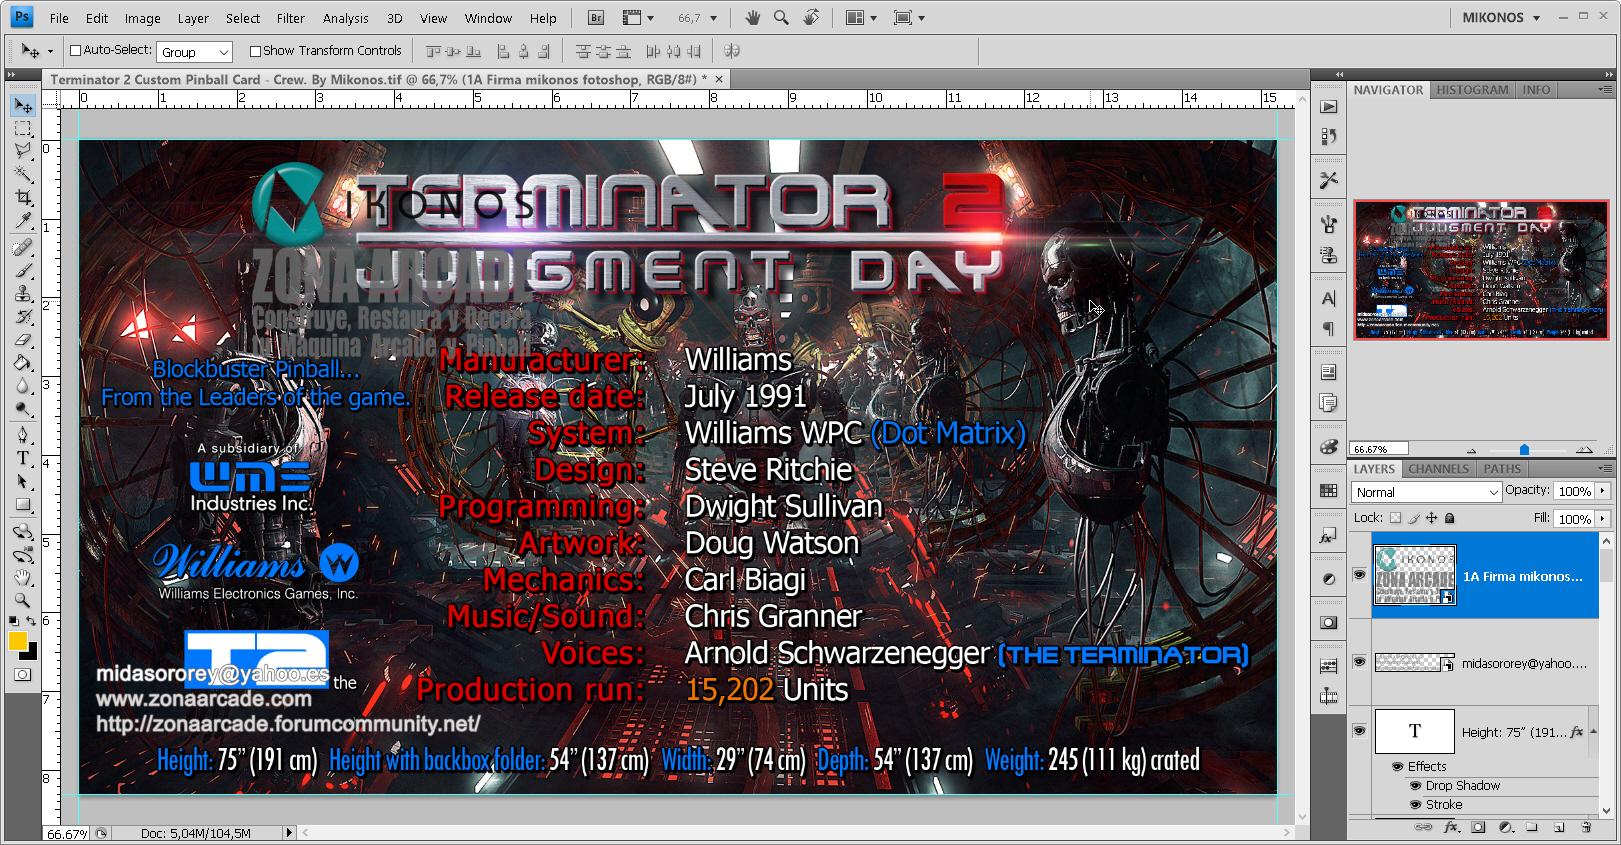 Terminator%202%20Custom%20Pinball%20Card%20-%20Crew.%20By%20Mikonos1.jpg